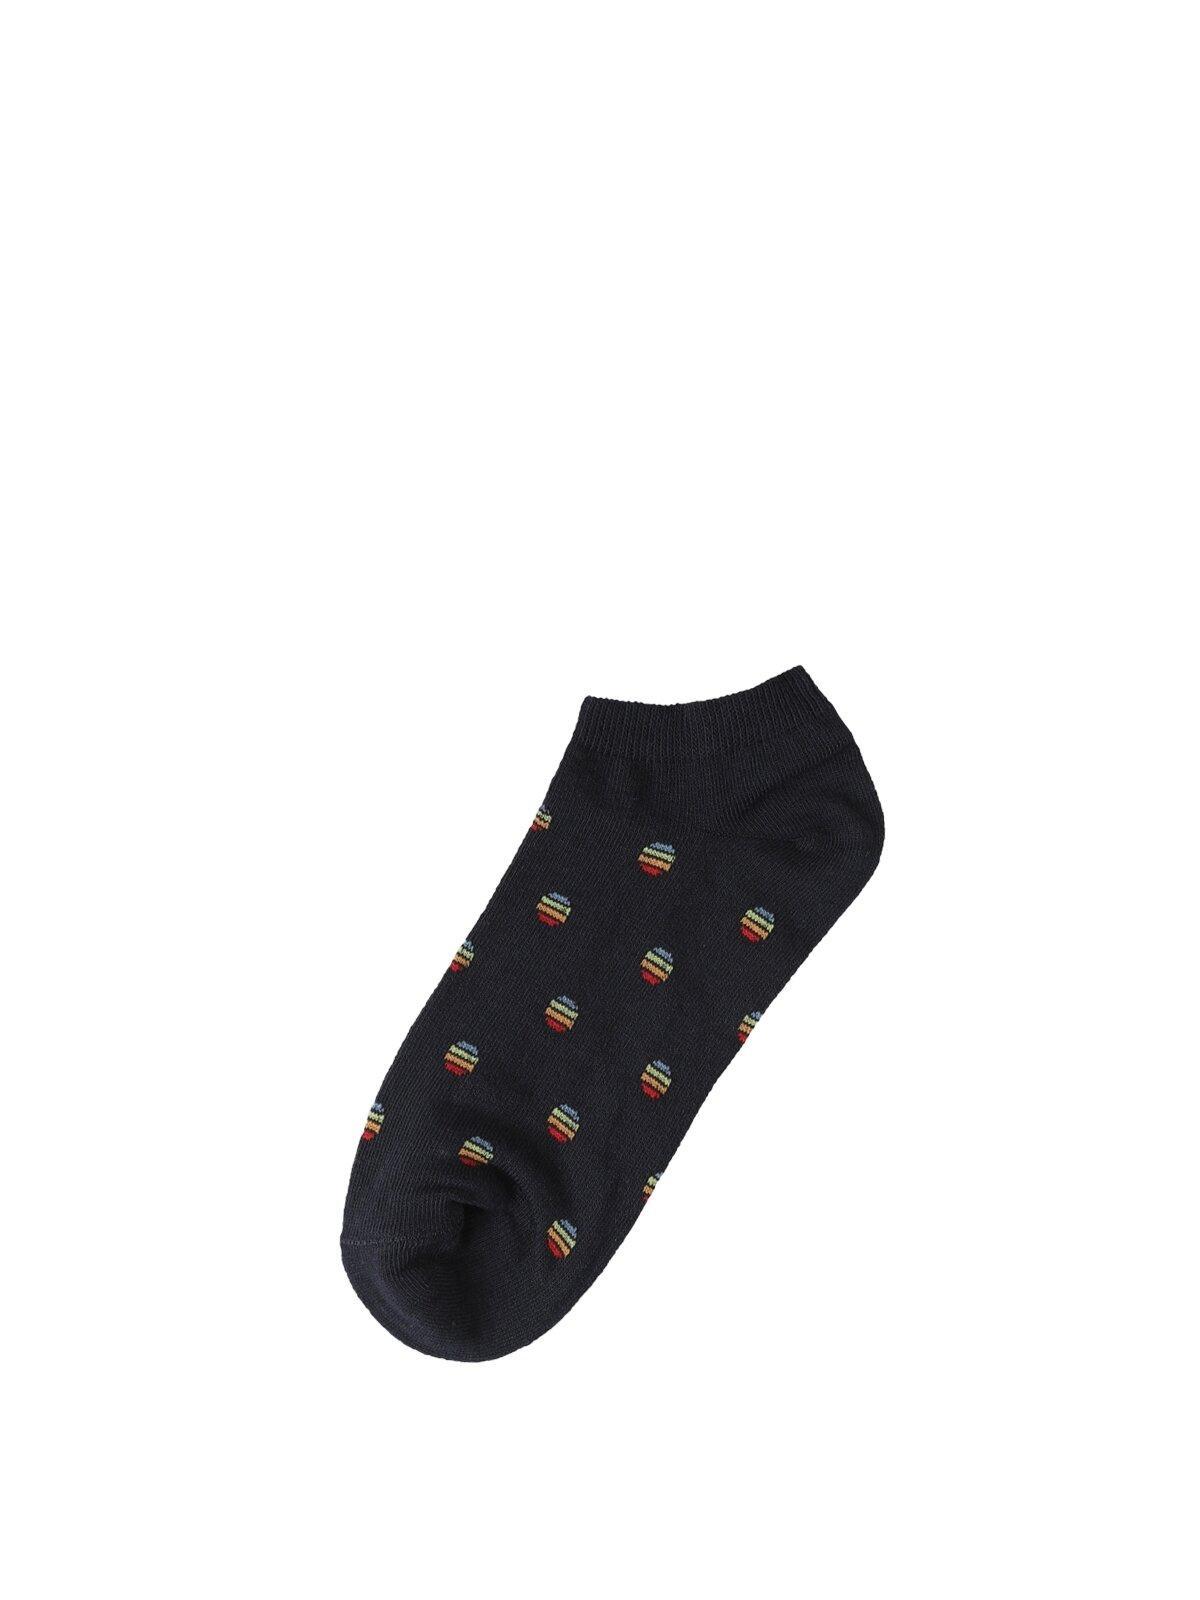 Desenli Siyah Erkek Çorap